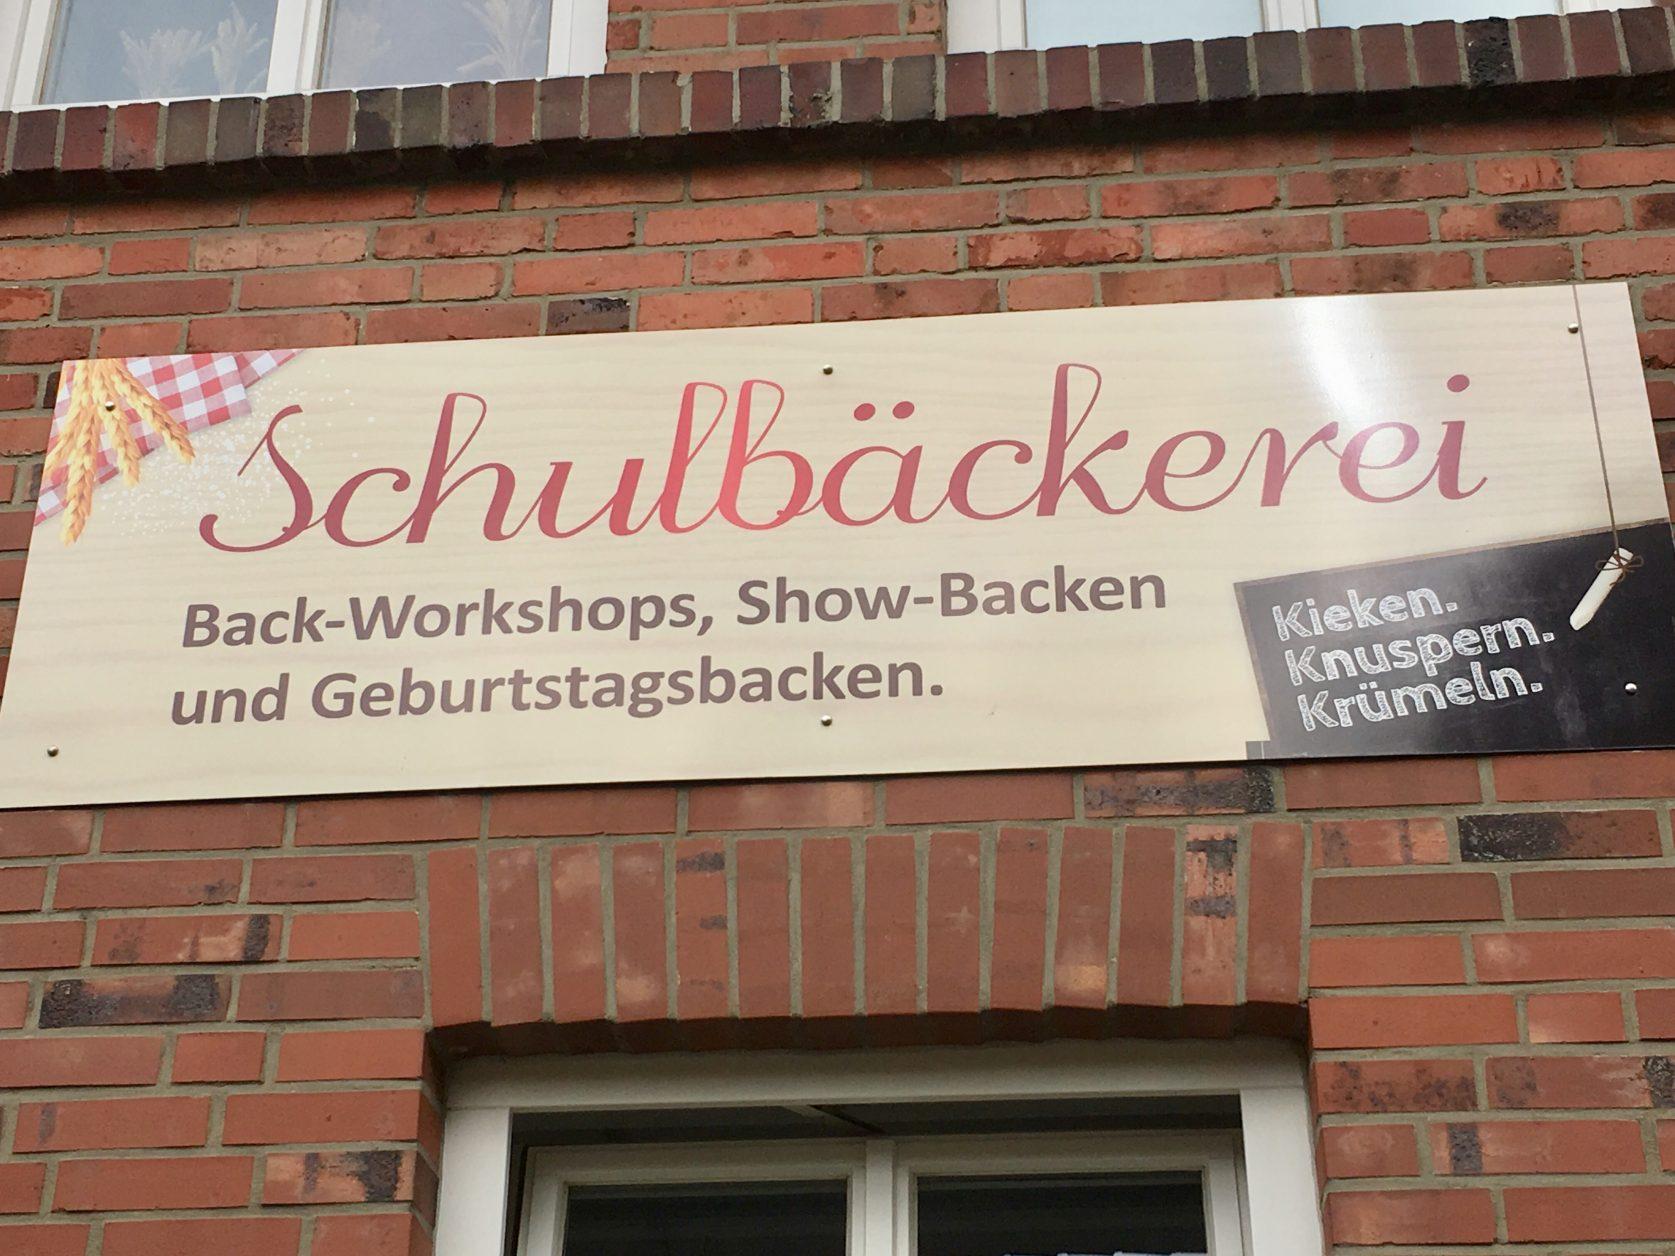 Die Firma Coppenrath Feingebäck in Geeste-Groß Hesepe lädt zu Back-Workshops